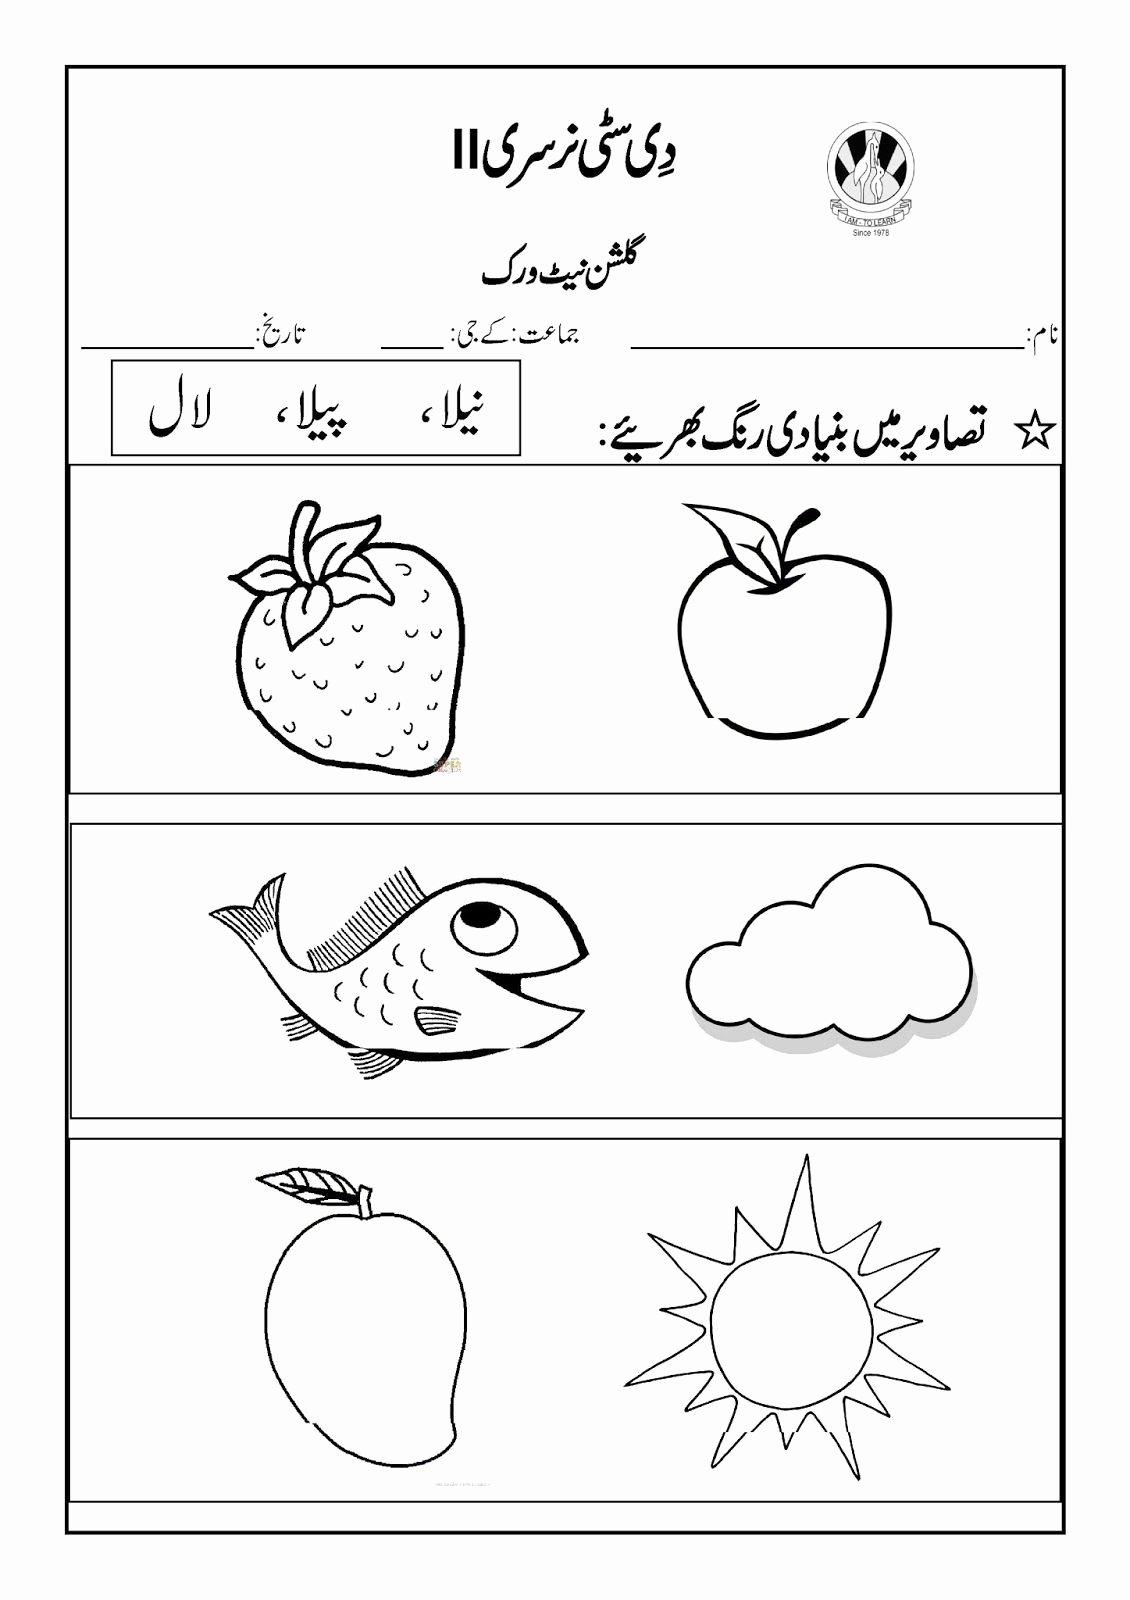 Urdu Worksheets for Preschoolers Fresh Image Result for Urdu Worksheets for Nursery